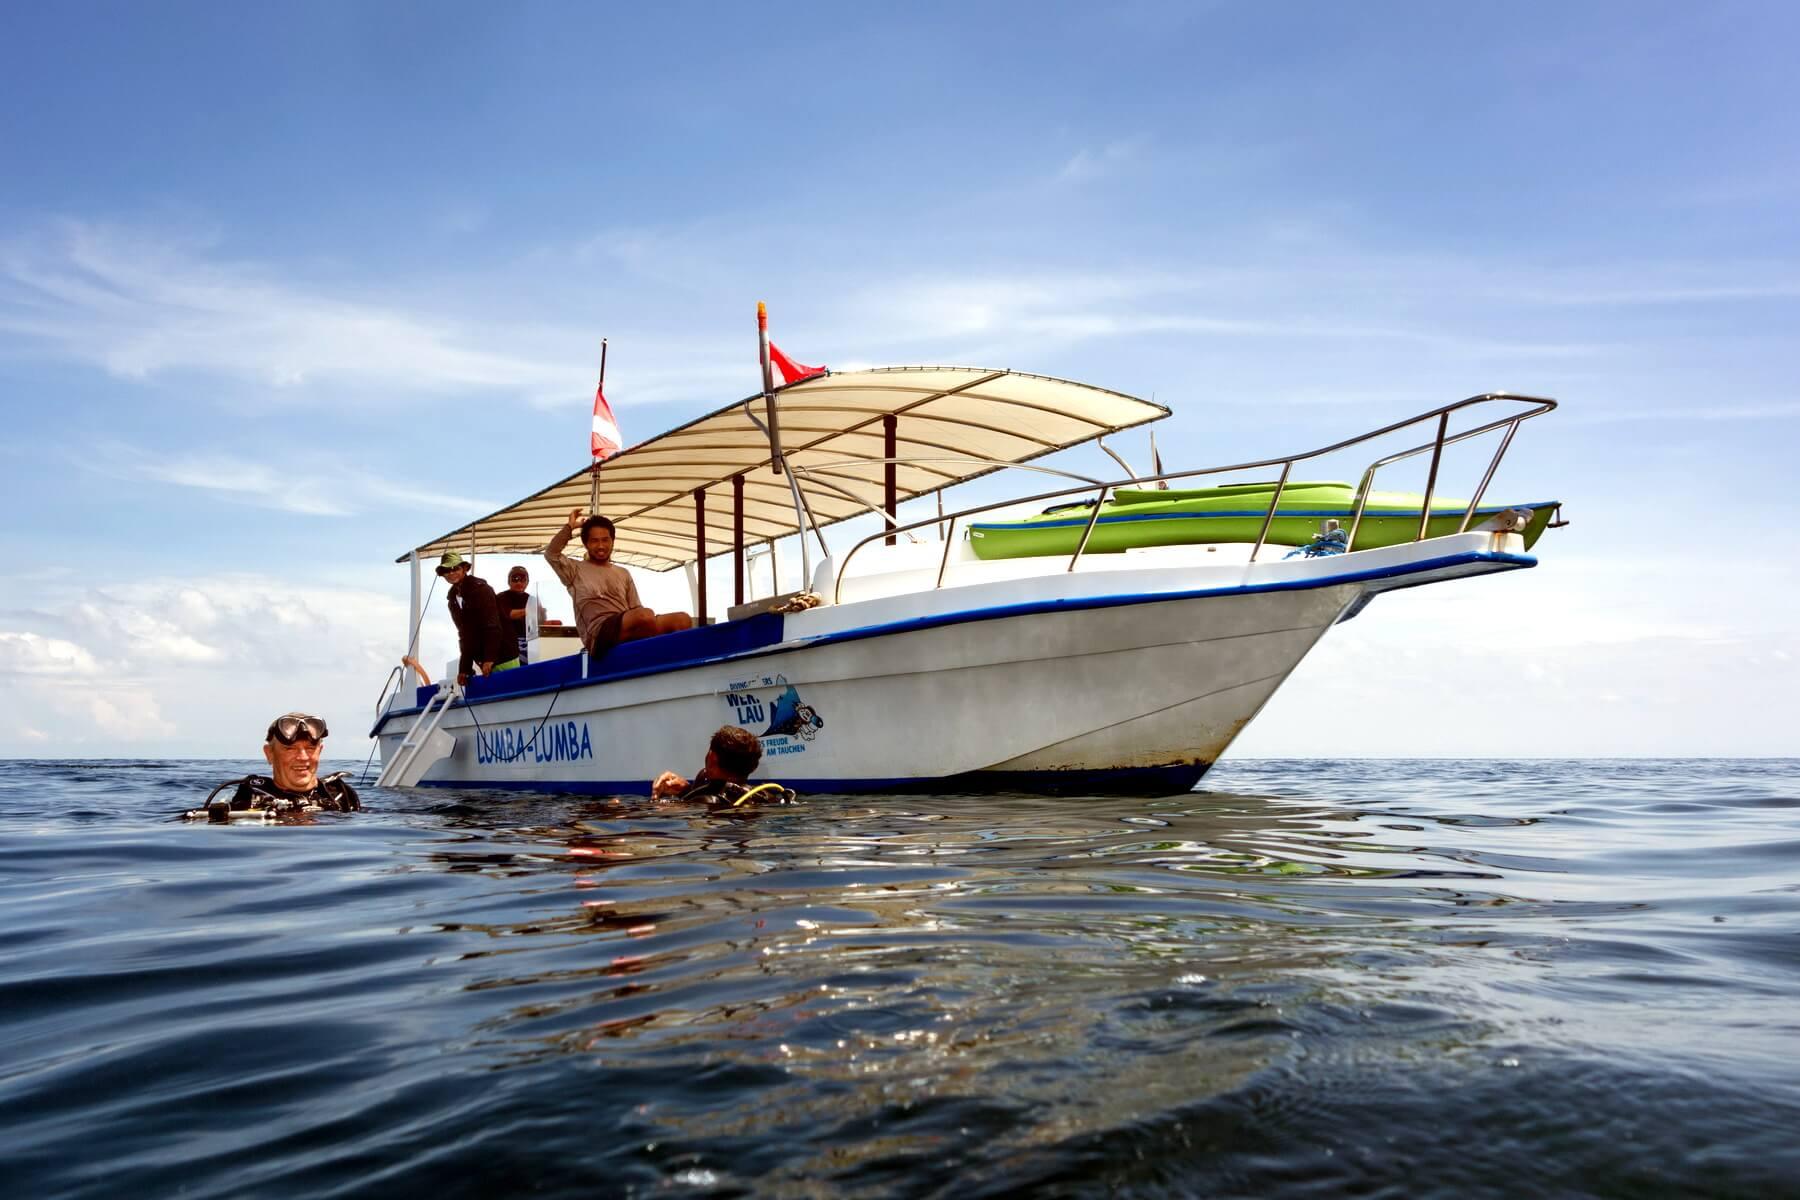 Neben dem Hausriff, das direkt am Resort gelegen ist, sind weitere sehr gute Tauchplätze in nur ca. 10 Minuten mit dem Auslegerboot zu erreichen.